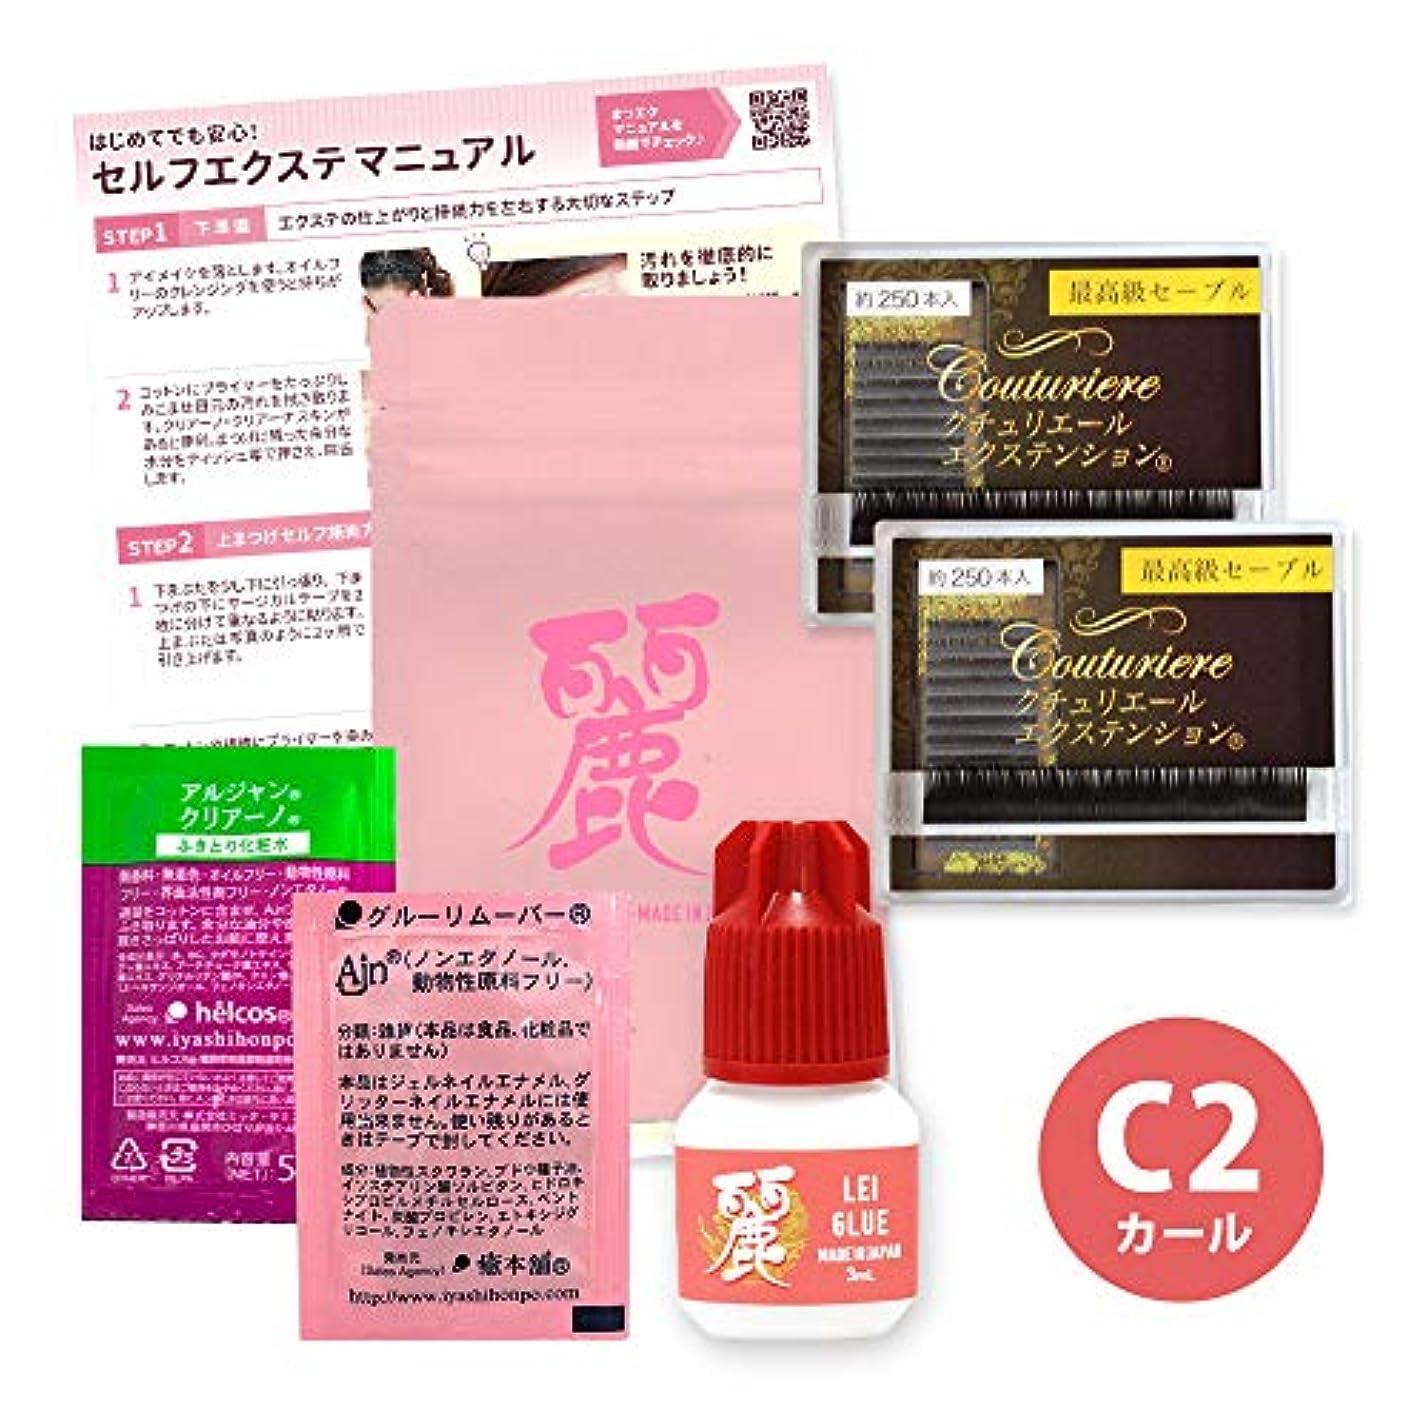 乳製品切り下げ抑圧マツエク セルフ キット クチュリエール1列×2個と日本製 超低刺激グルー C2カール マニュアル付き (0.20mm 11・12mm)